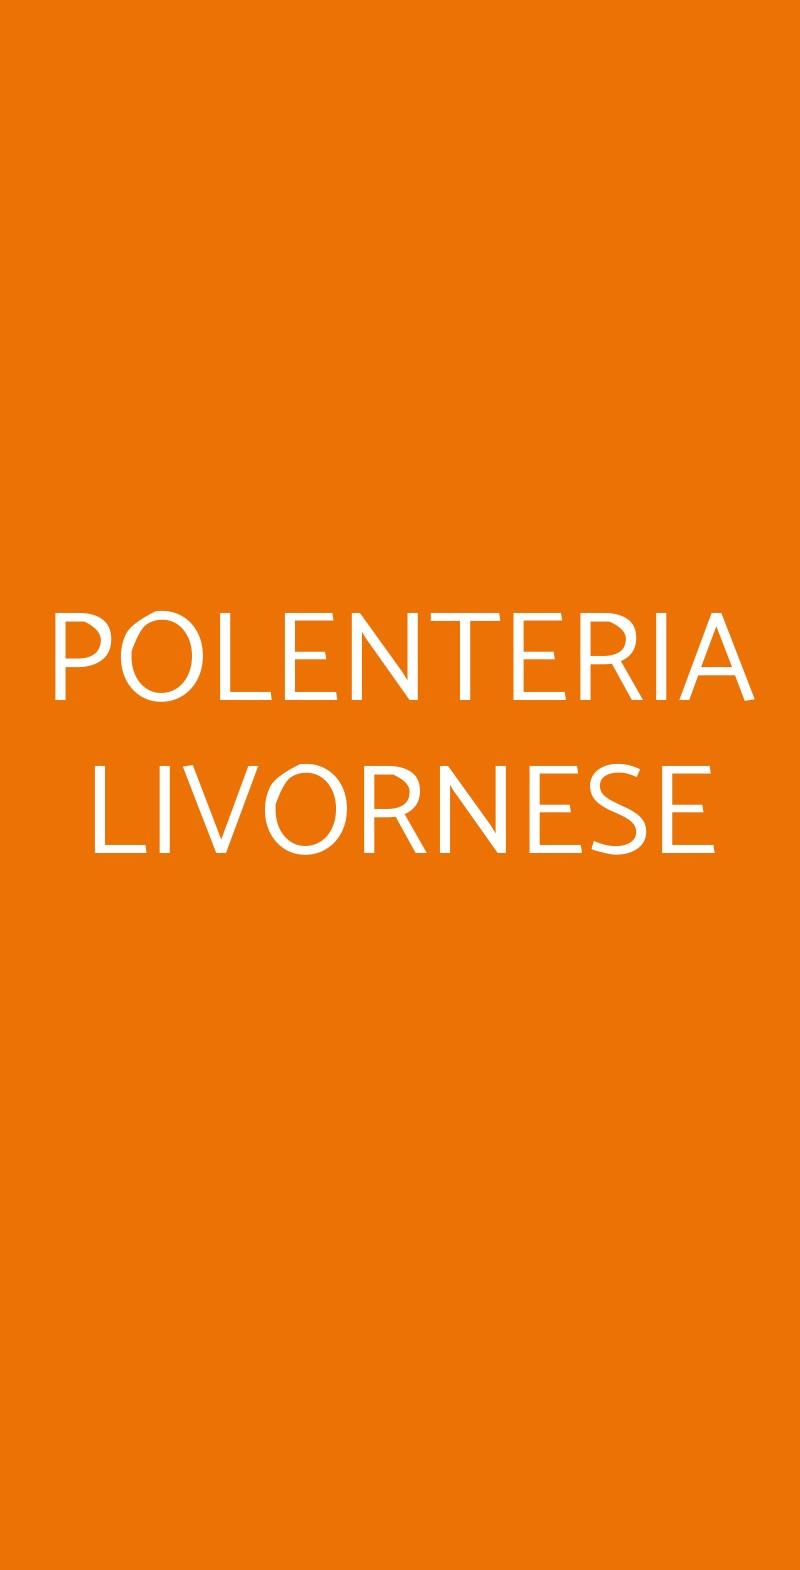 POLENTERIA LIVORNESE Livorno menù 1 pagina